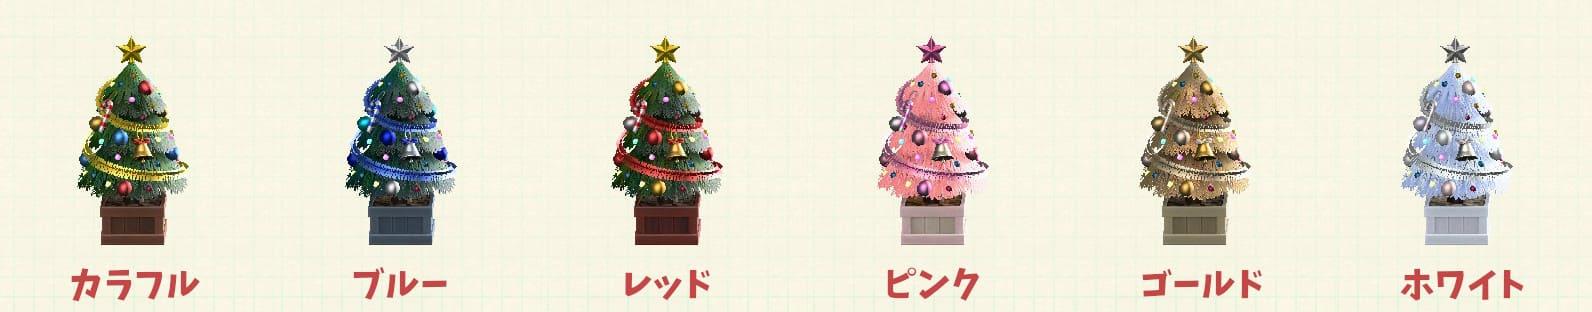 かわいいクリスマスツリーのリメイク